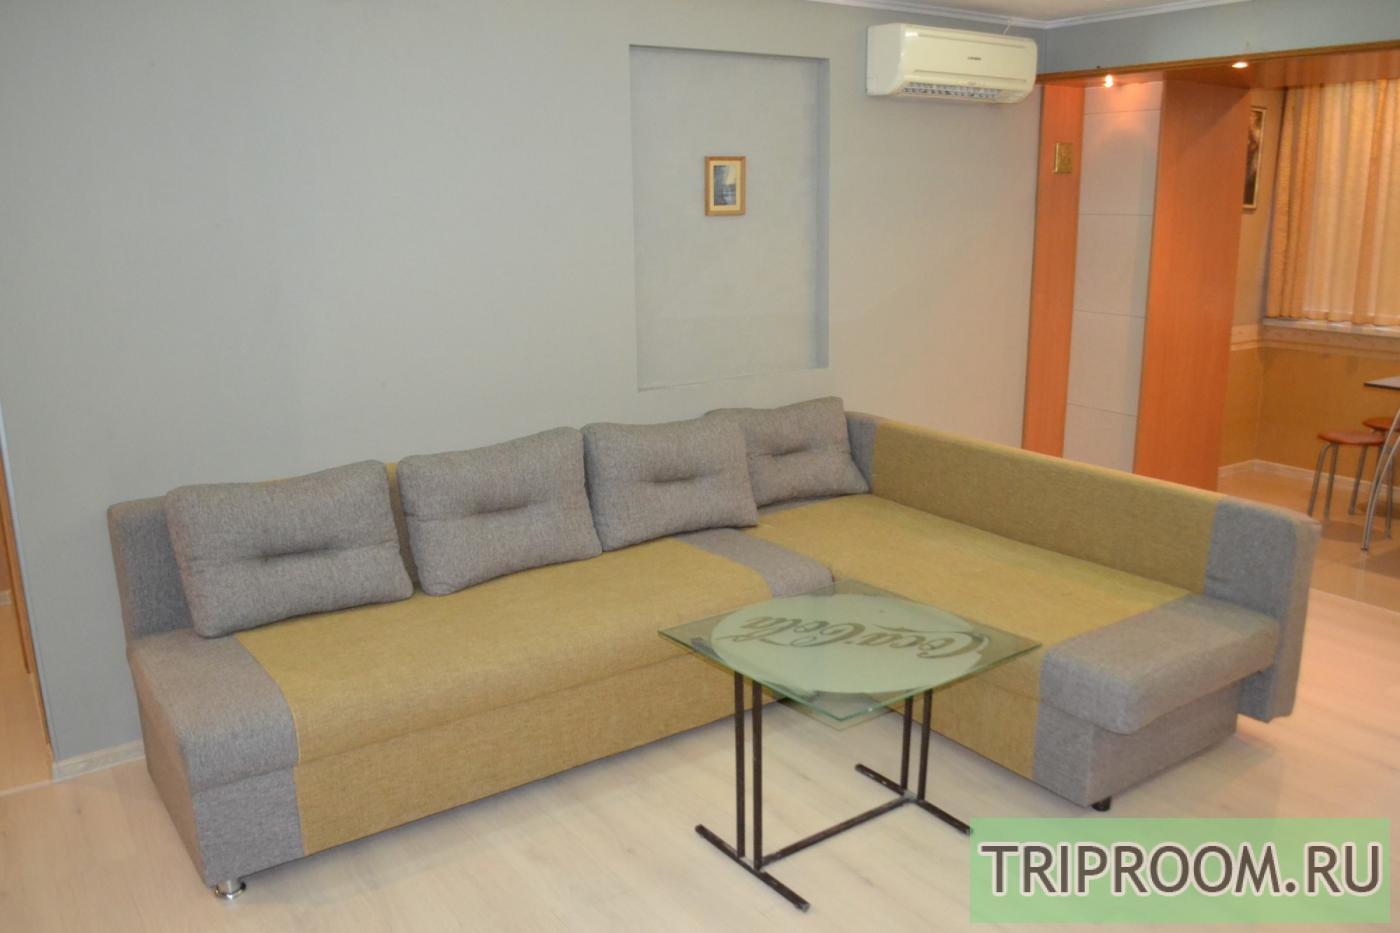 3-комнатная квартира посуточно (вариант № 5725), ул. Тимирязева улица, фото № 2